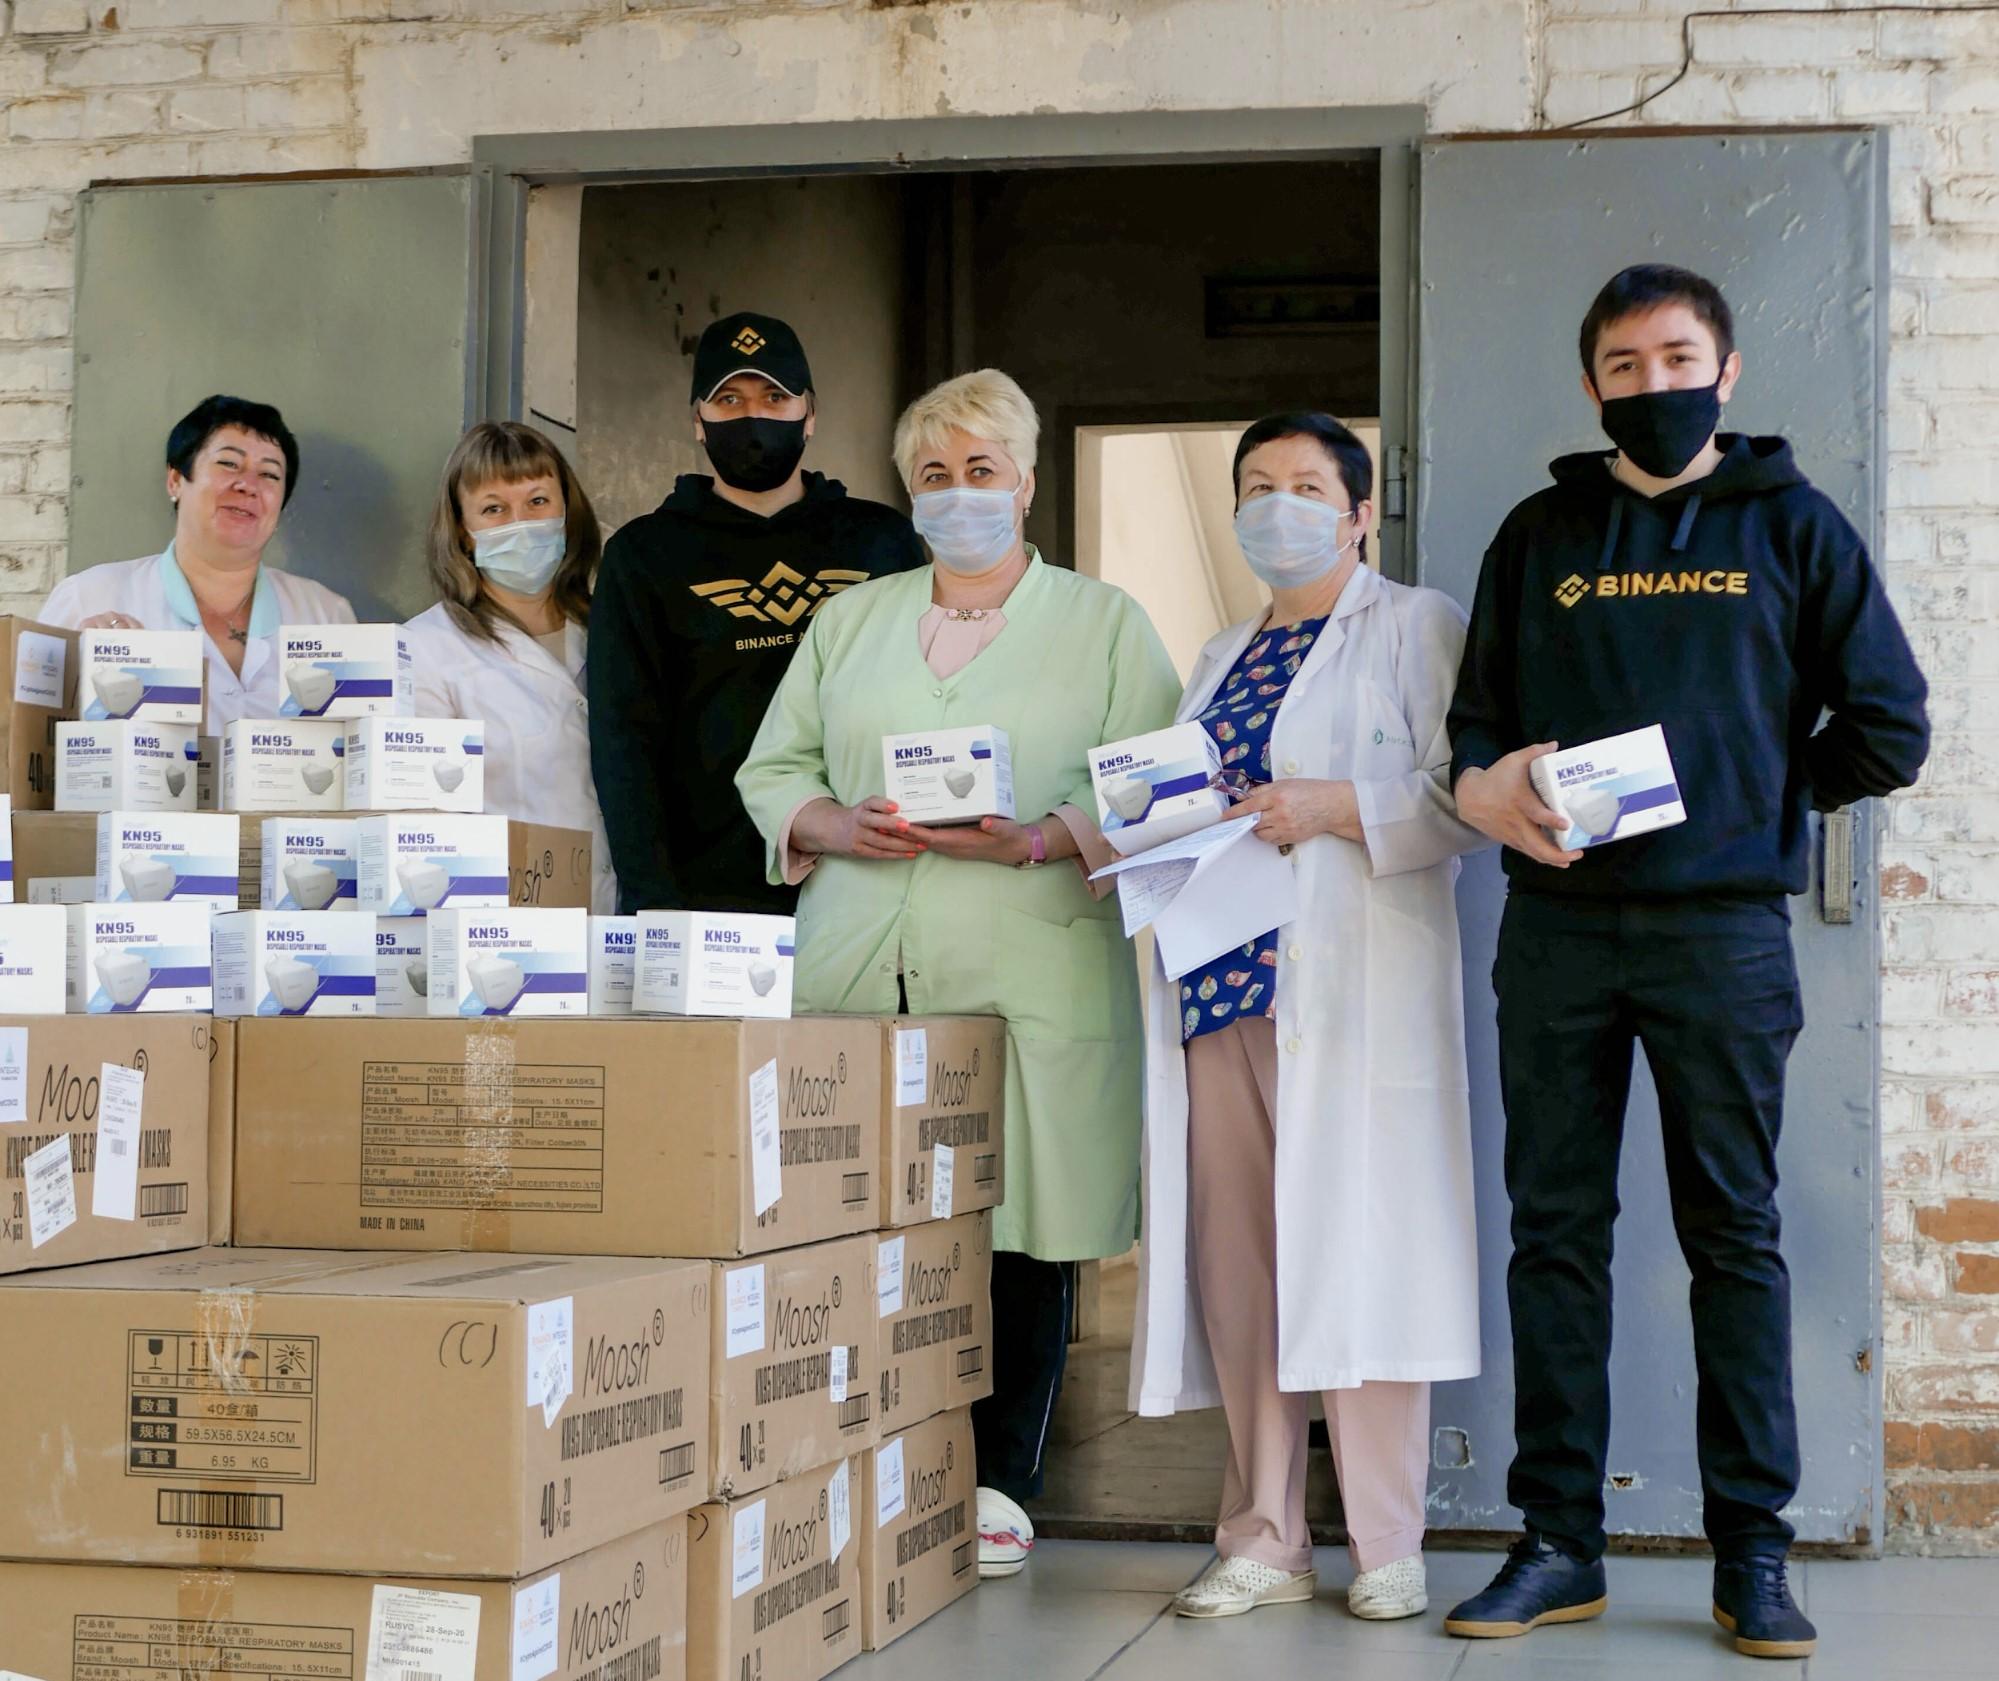 Благотворительный фонд биржи Binance передал более 20 тысяч защитных масок больнице в Краснодаре